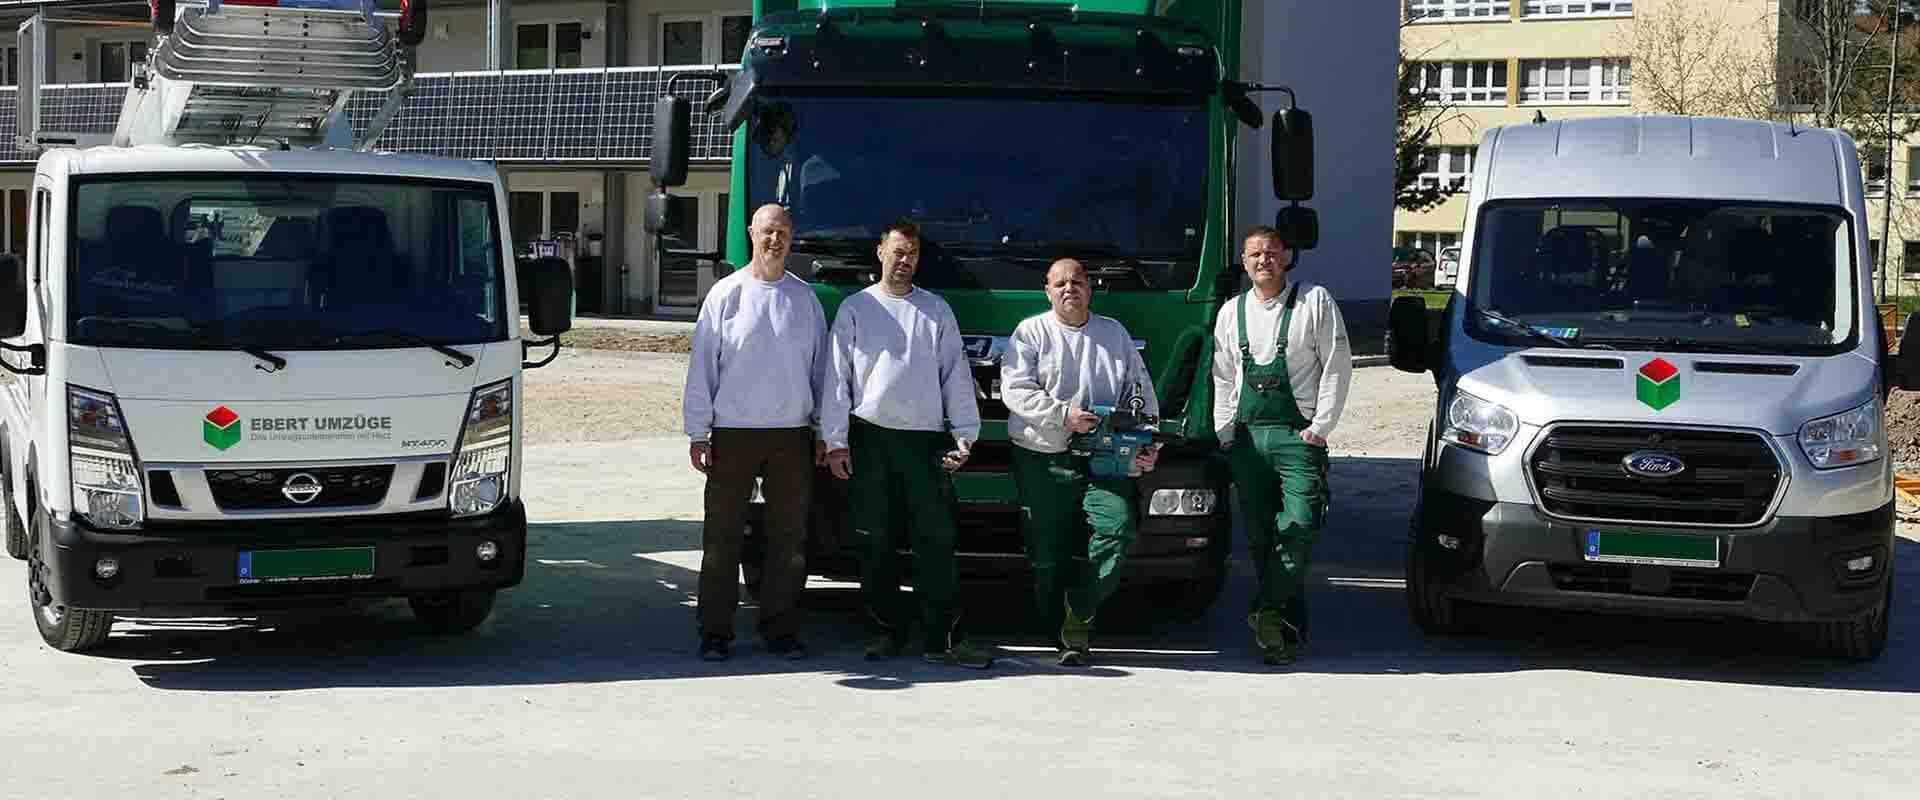 Das Team von Jens Ebert - Umzugsunternehmen in Mecklenburg-Vorpommern